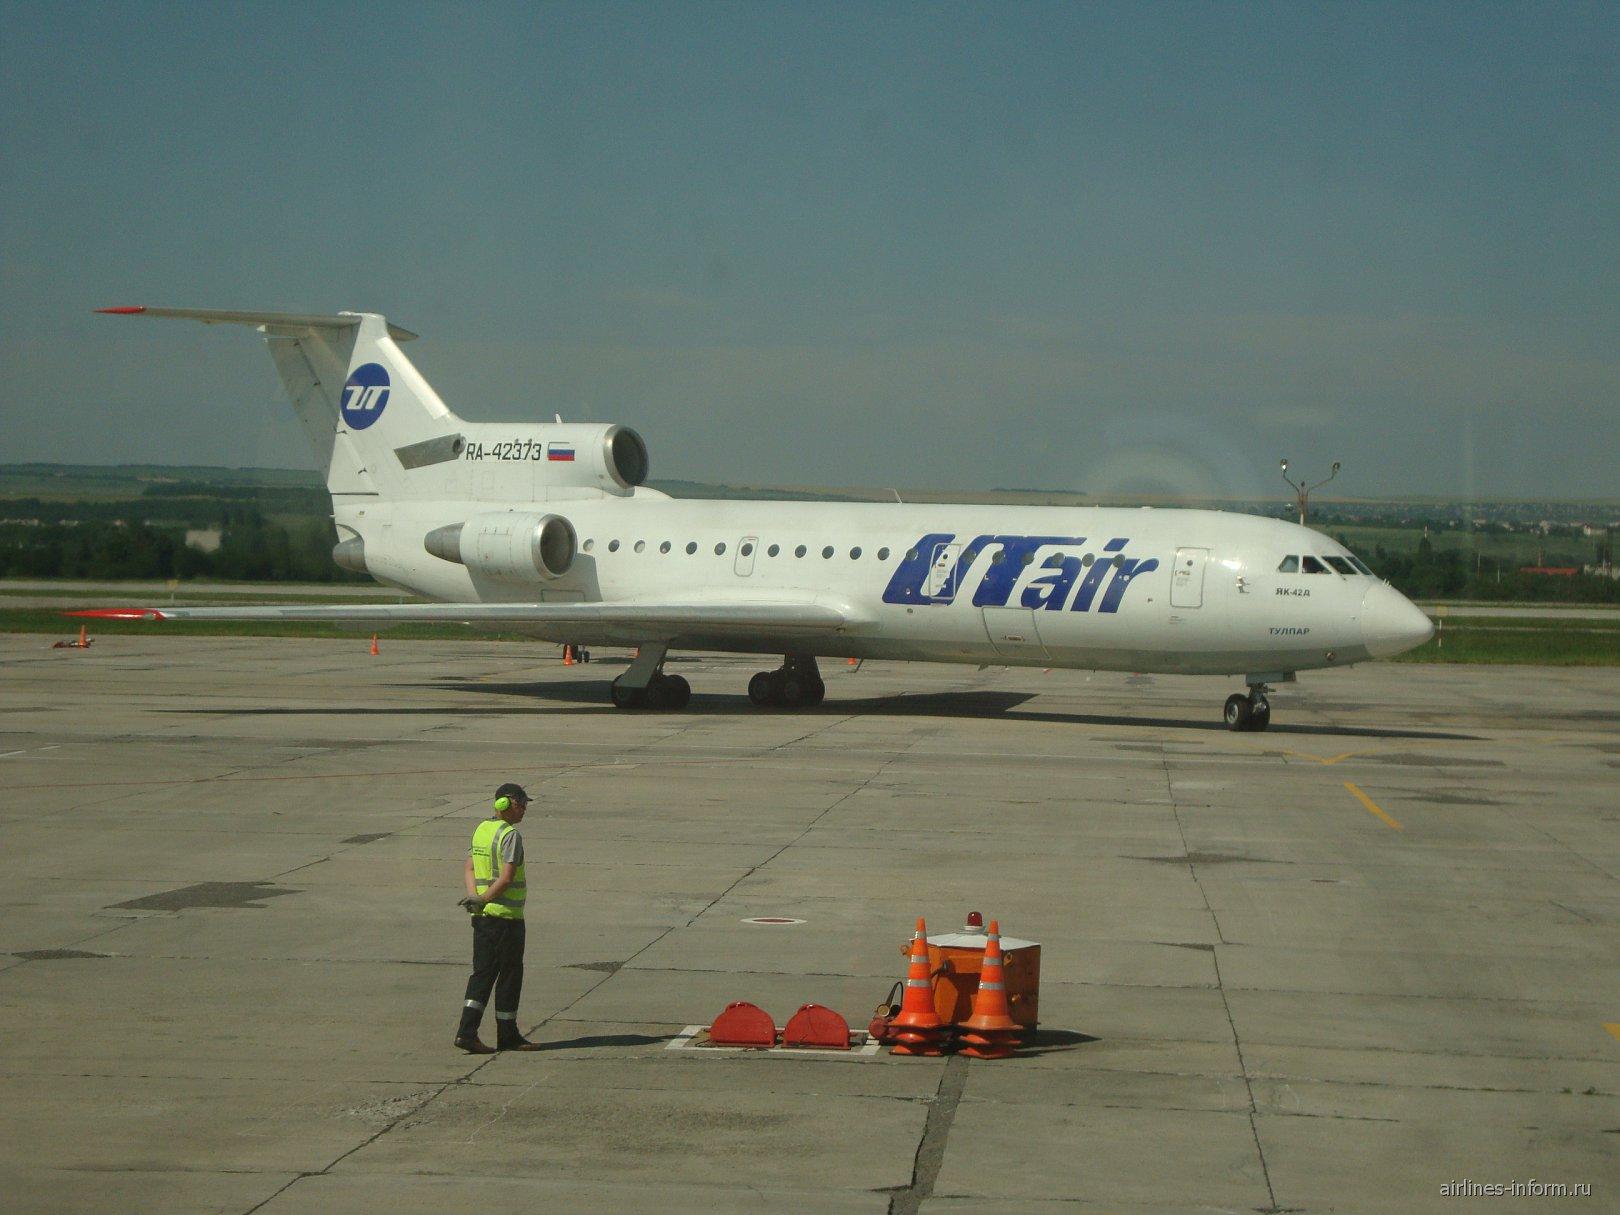 Як-42 ЮТйэр в аэропорту Минеральные Воды